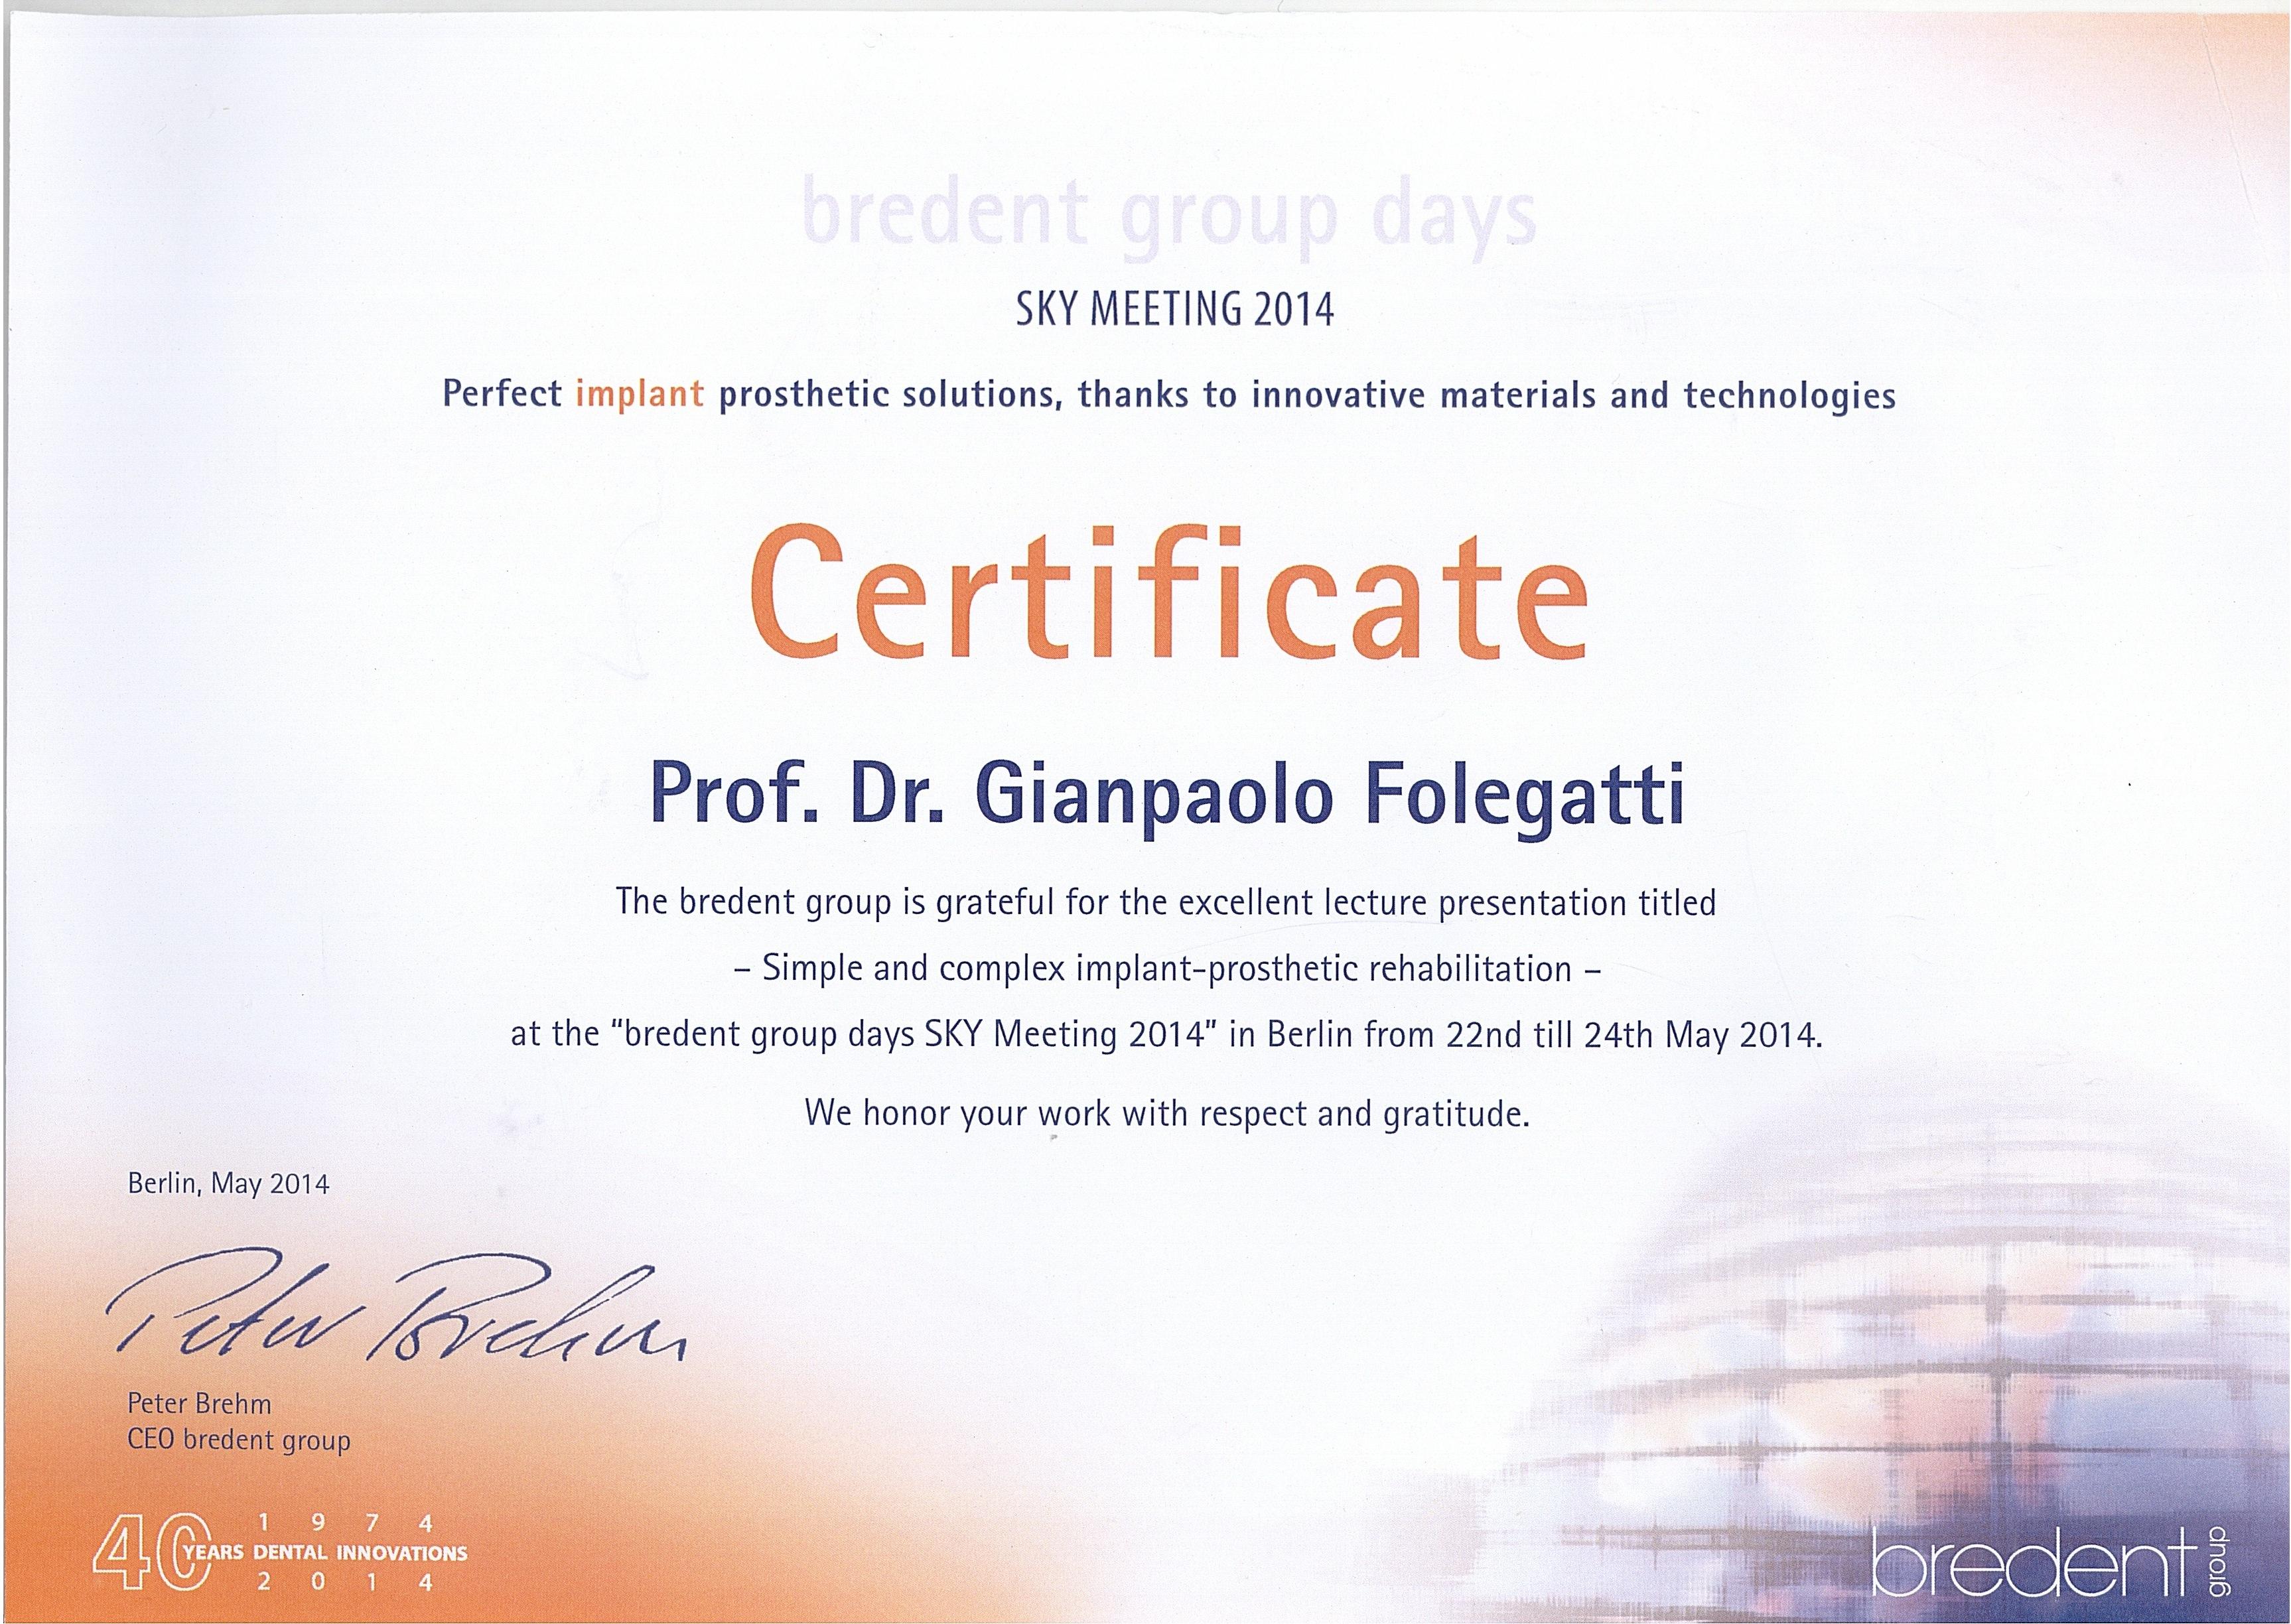 BREDENT DR. FOLE